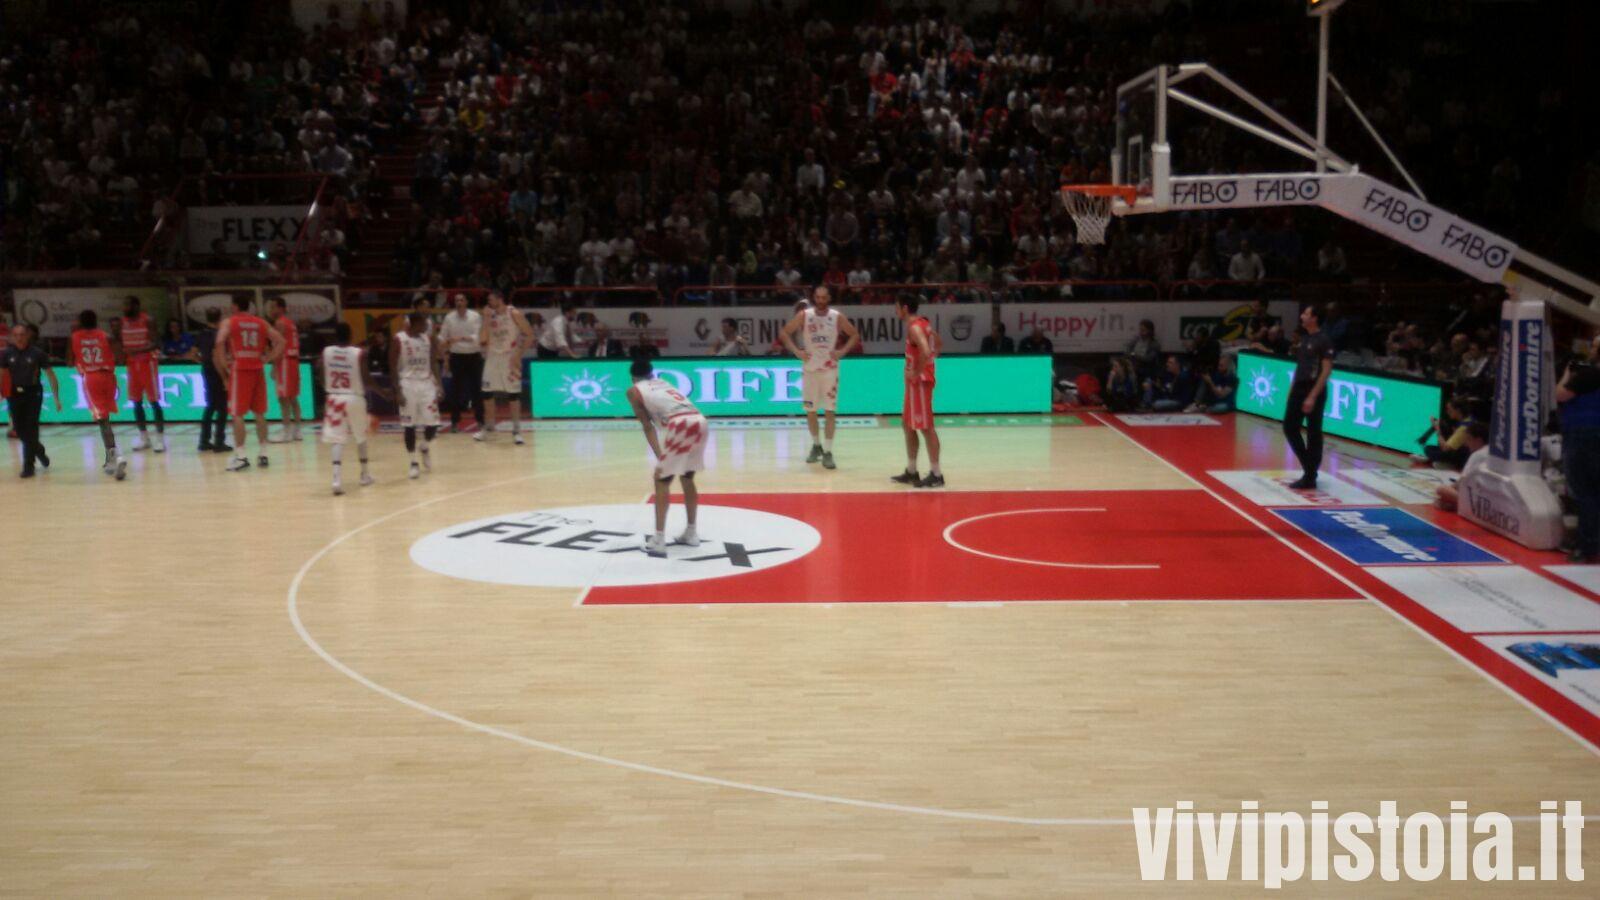 Palazzetto Pistoia Basket 2000